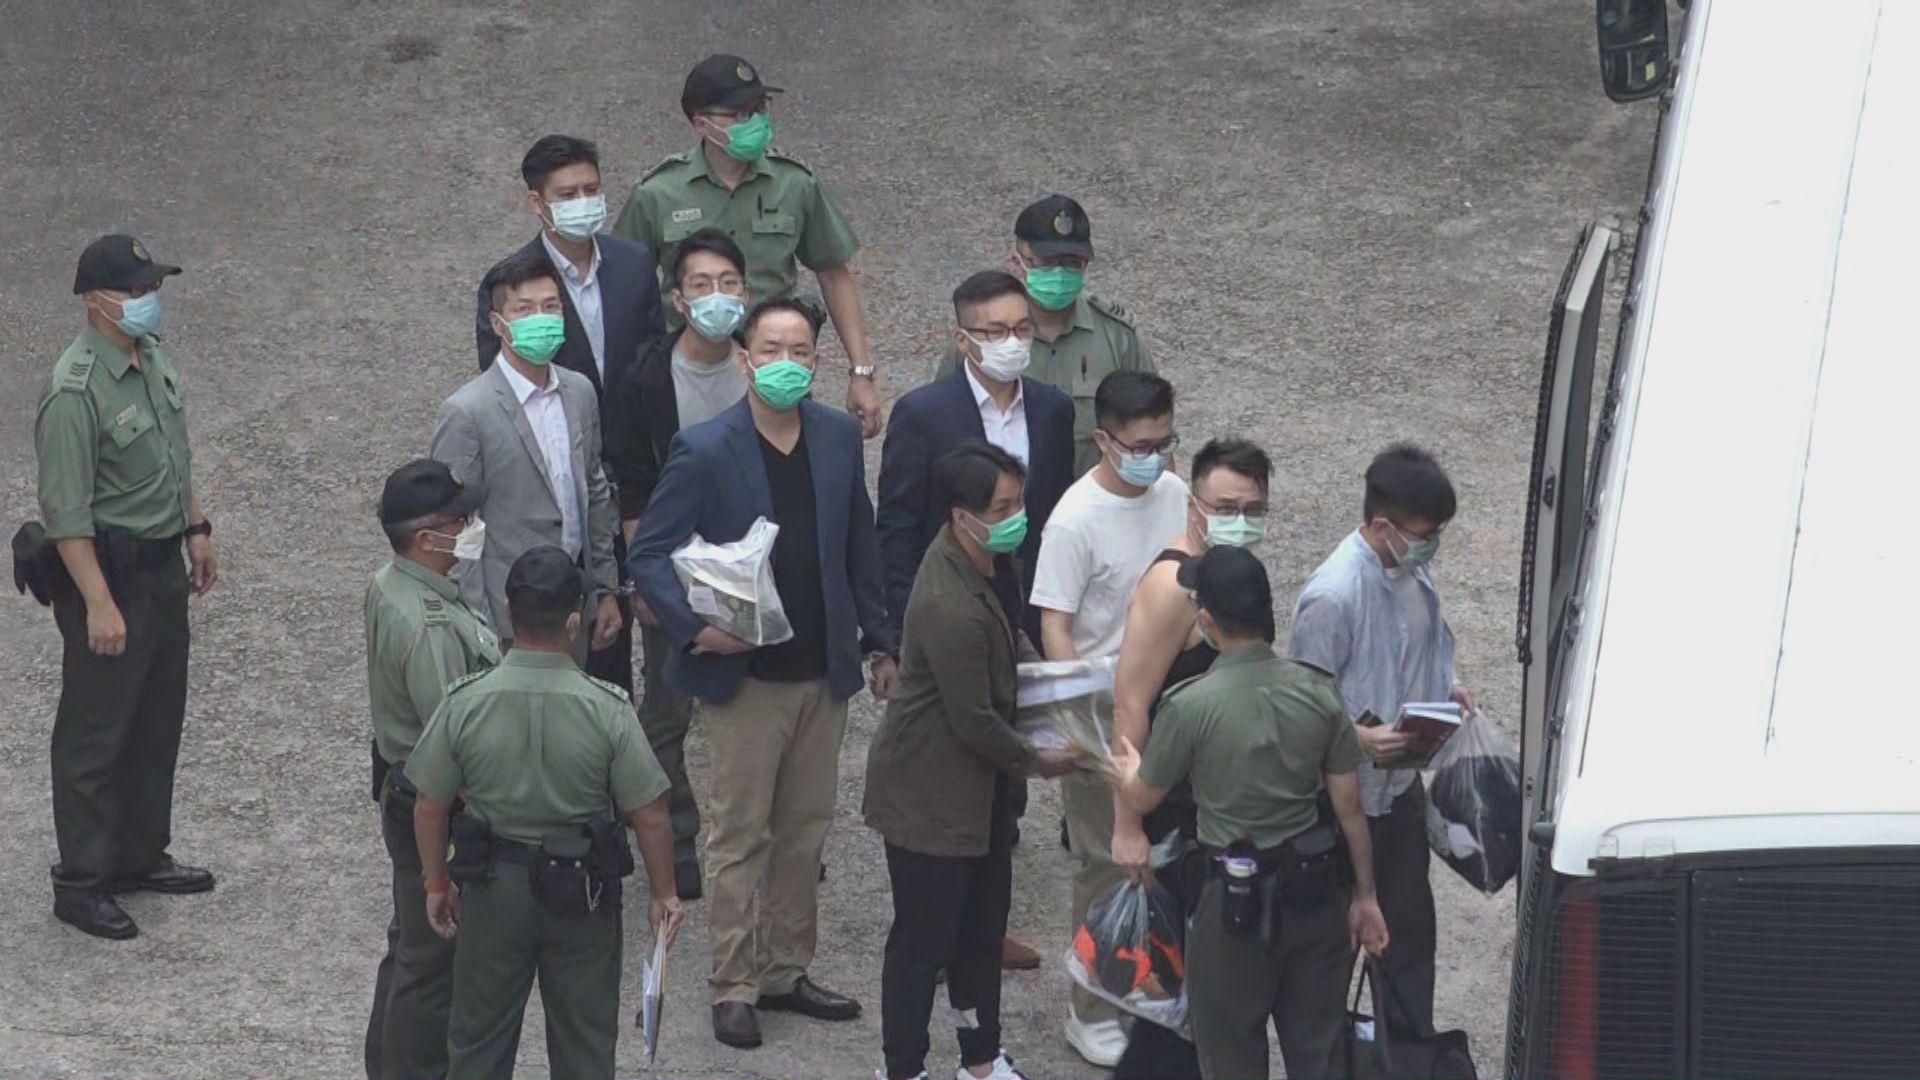 初選案47人涉串謀顛覆國家政權罪再提堂